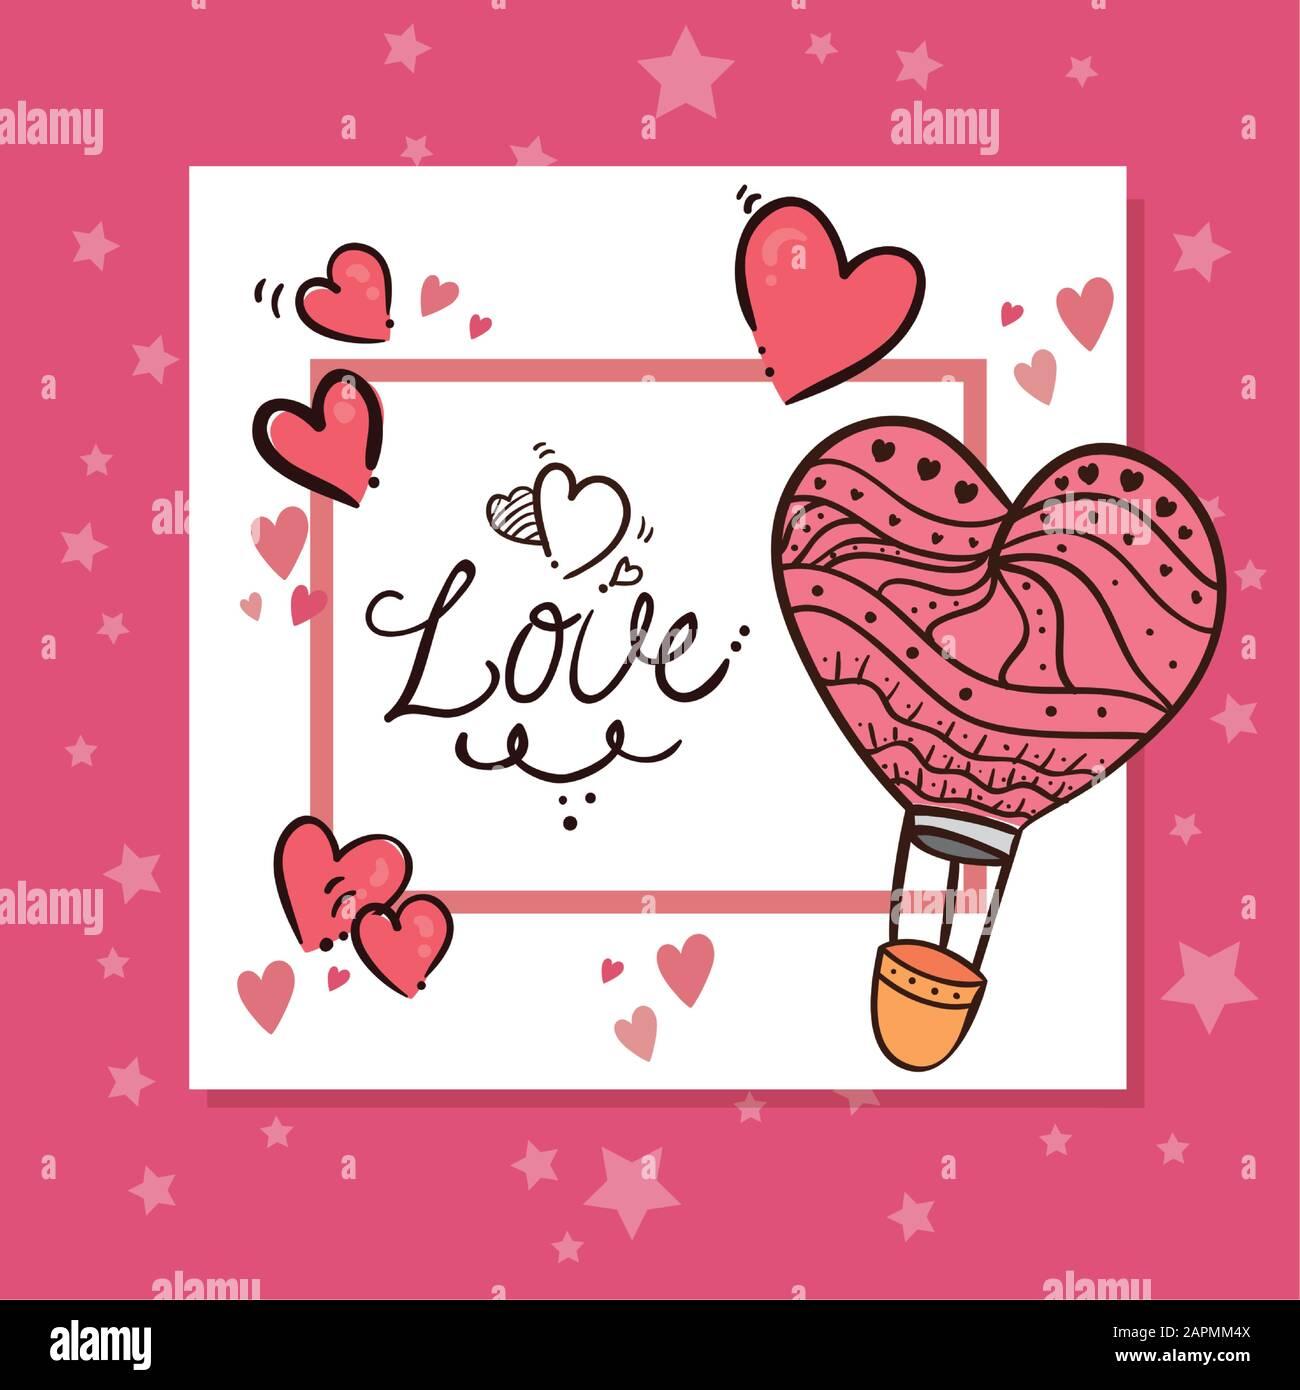 Decorazioni Lettere D Amore carta da giorno valentines con lettere e decorazioni d'amore